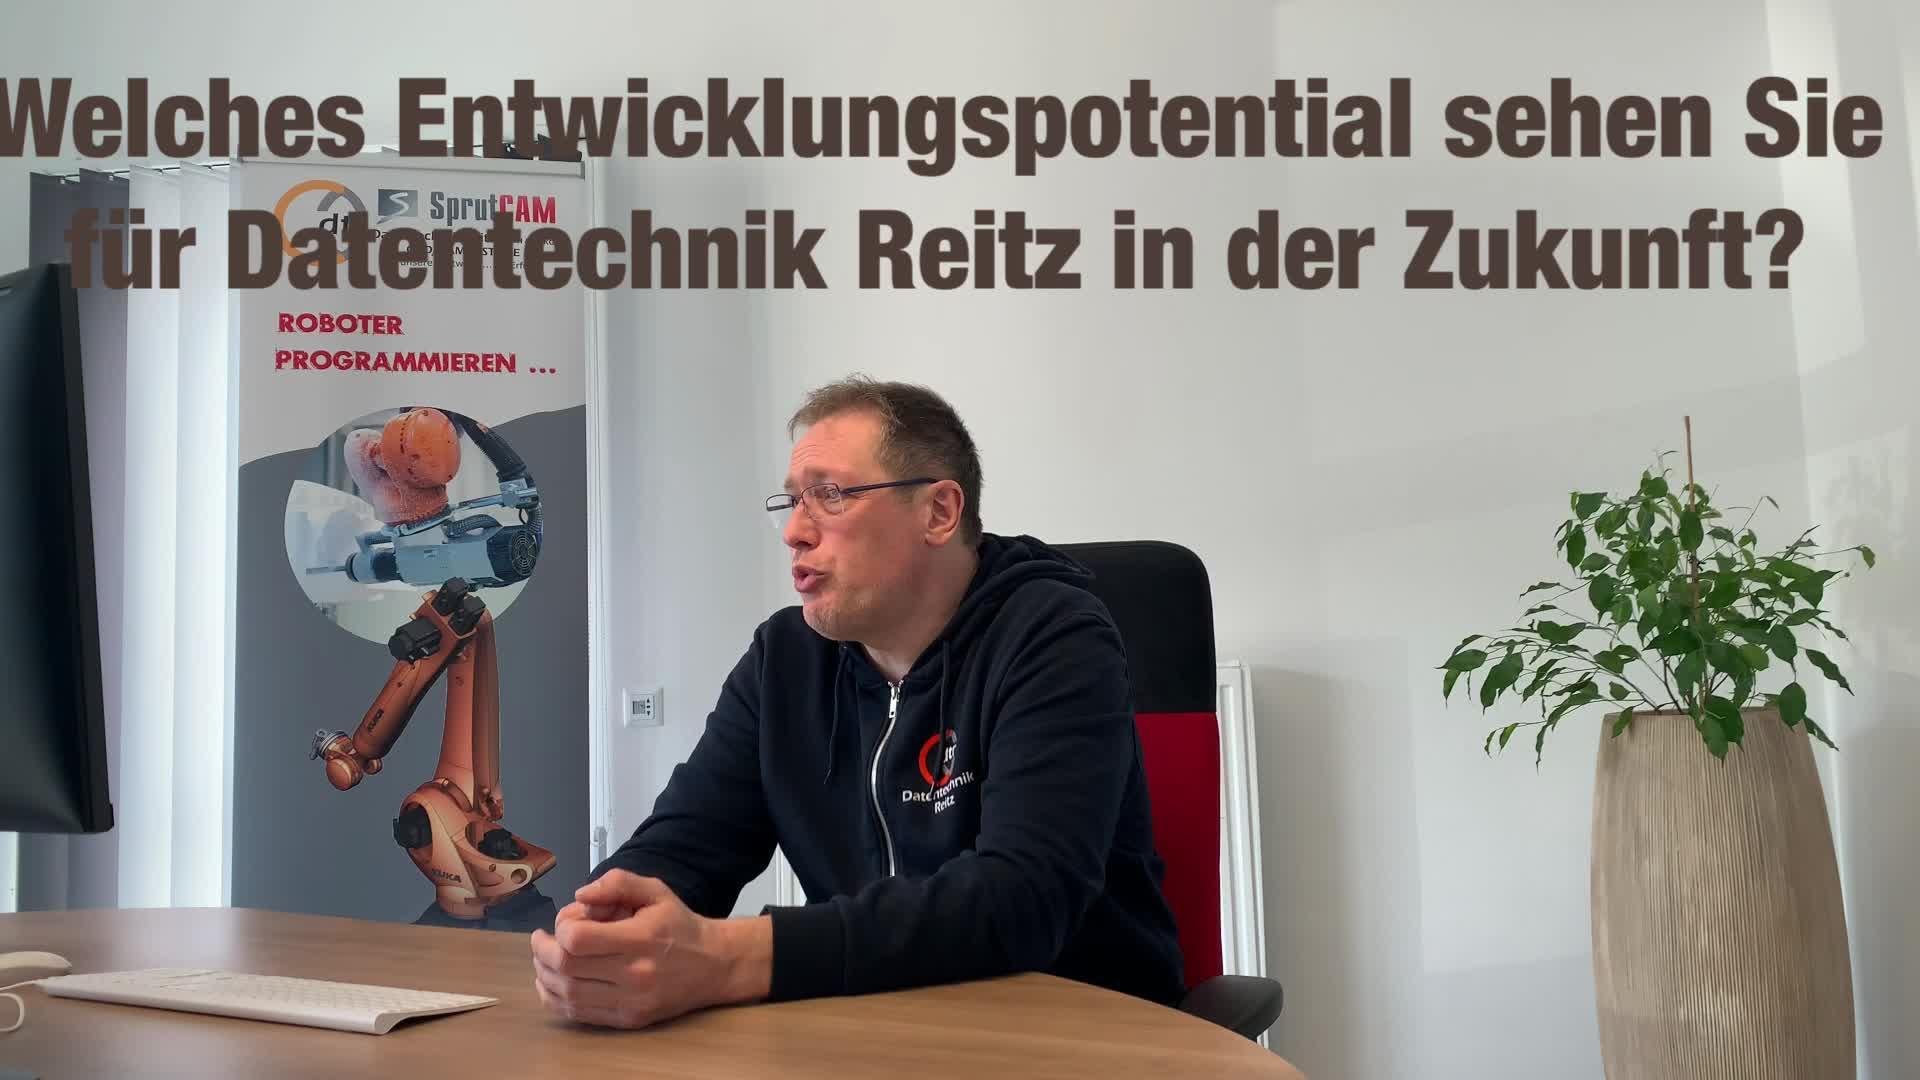 25 Jahre Datentechnik Reitz - Interview Teil 5/6